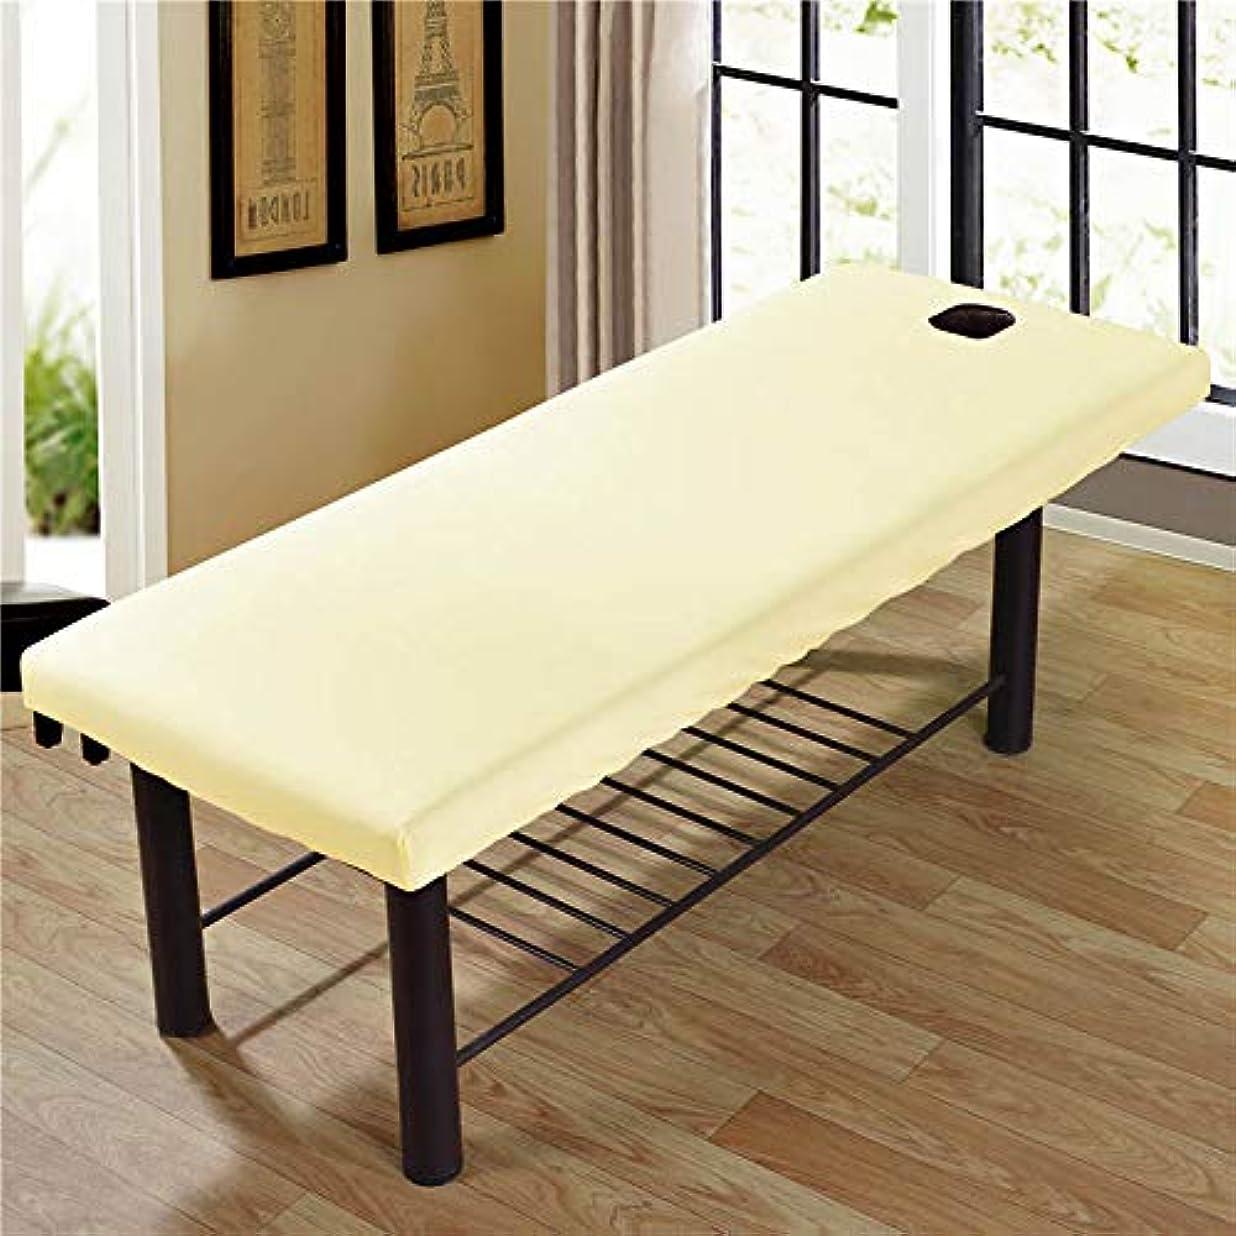 自分を引き上げる特派員時々JanusSaja 美容院のマッサージ療法のベッドのための柔らかいSoliod色の長方形のマットレス